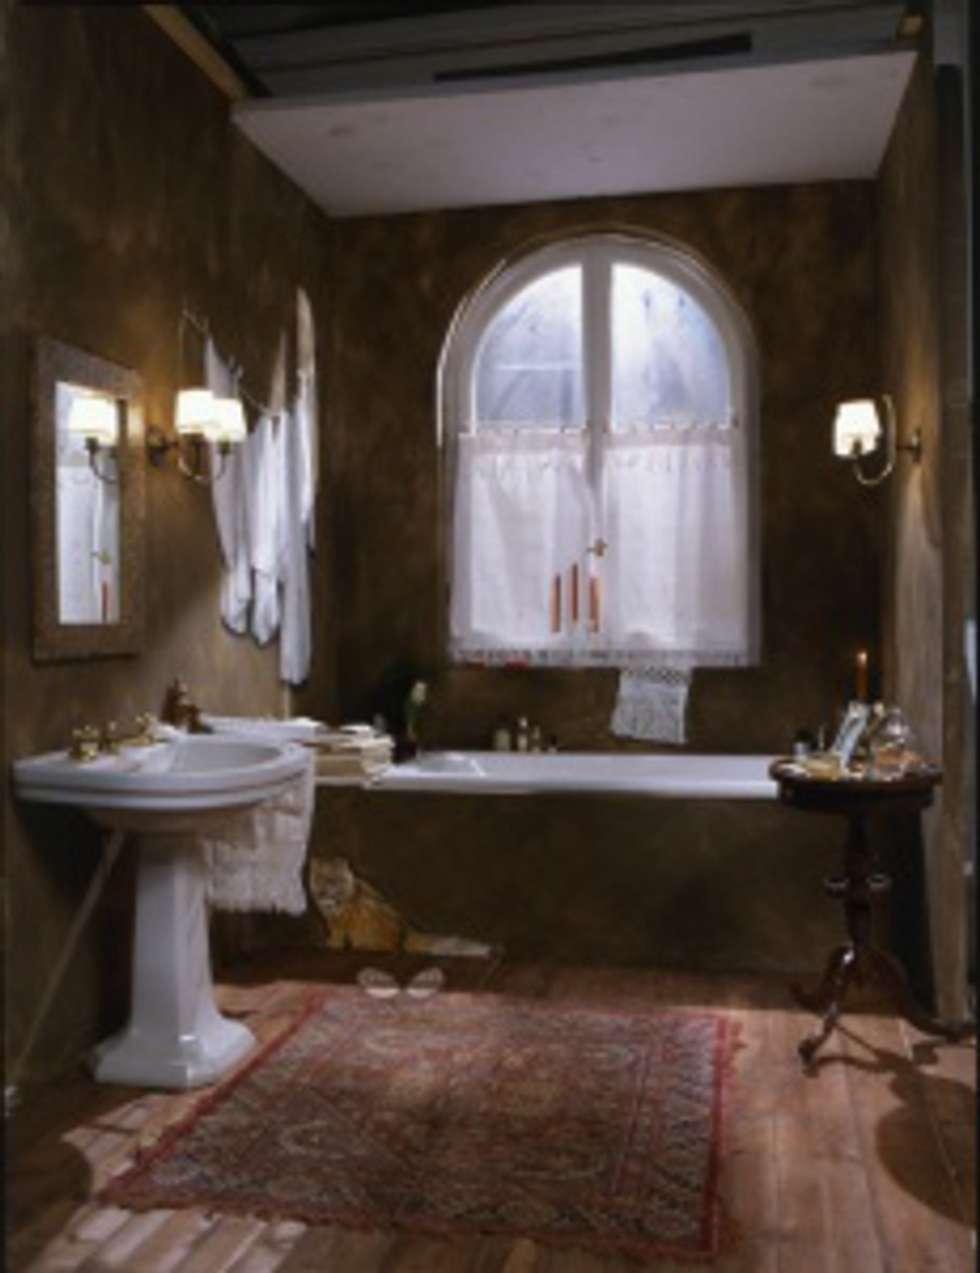 Trompe l'oeil bagno: Bagno in stile in stile Eclettico di INTERNO78.IT - DECORAZIONI D'INTERNI